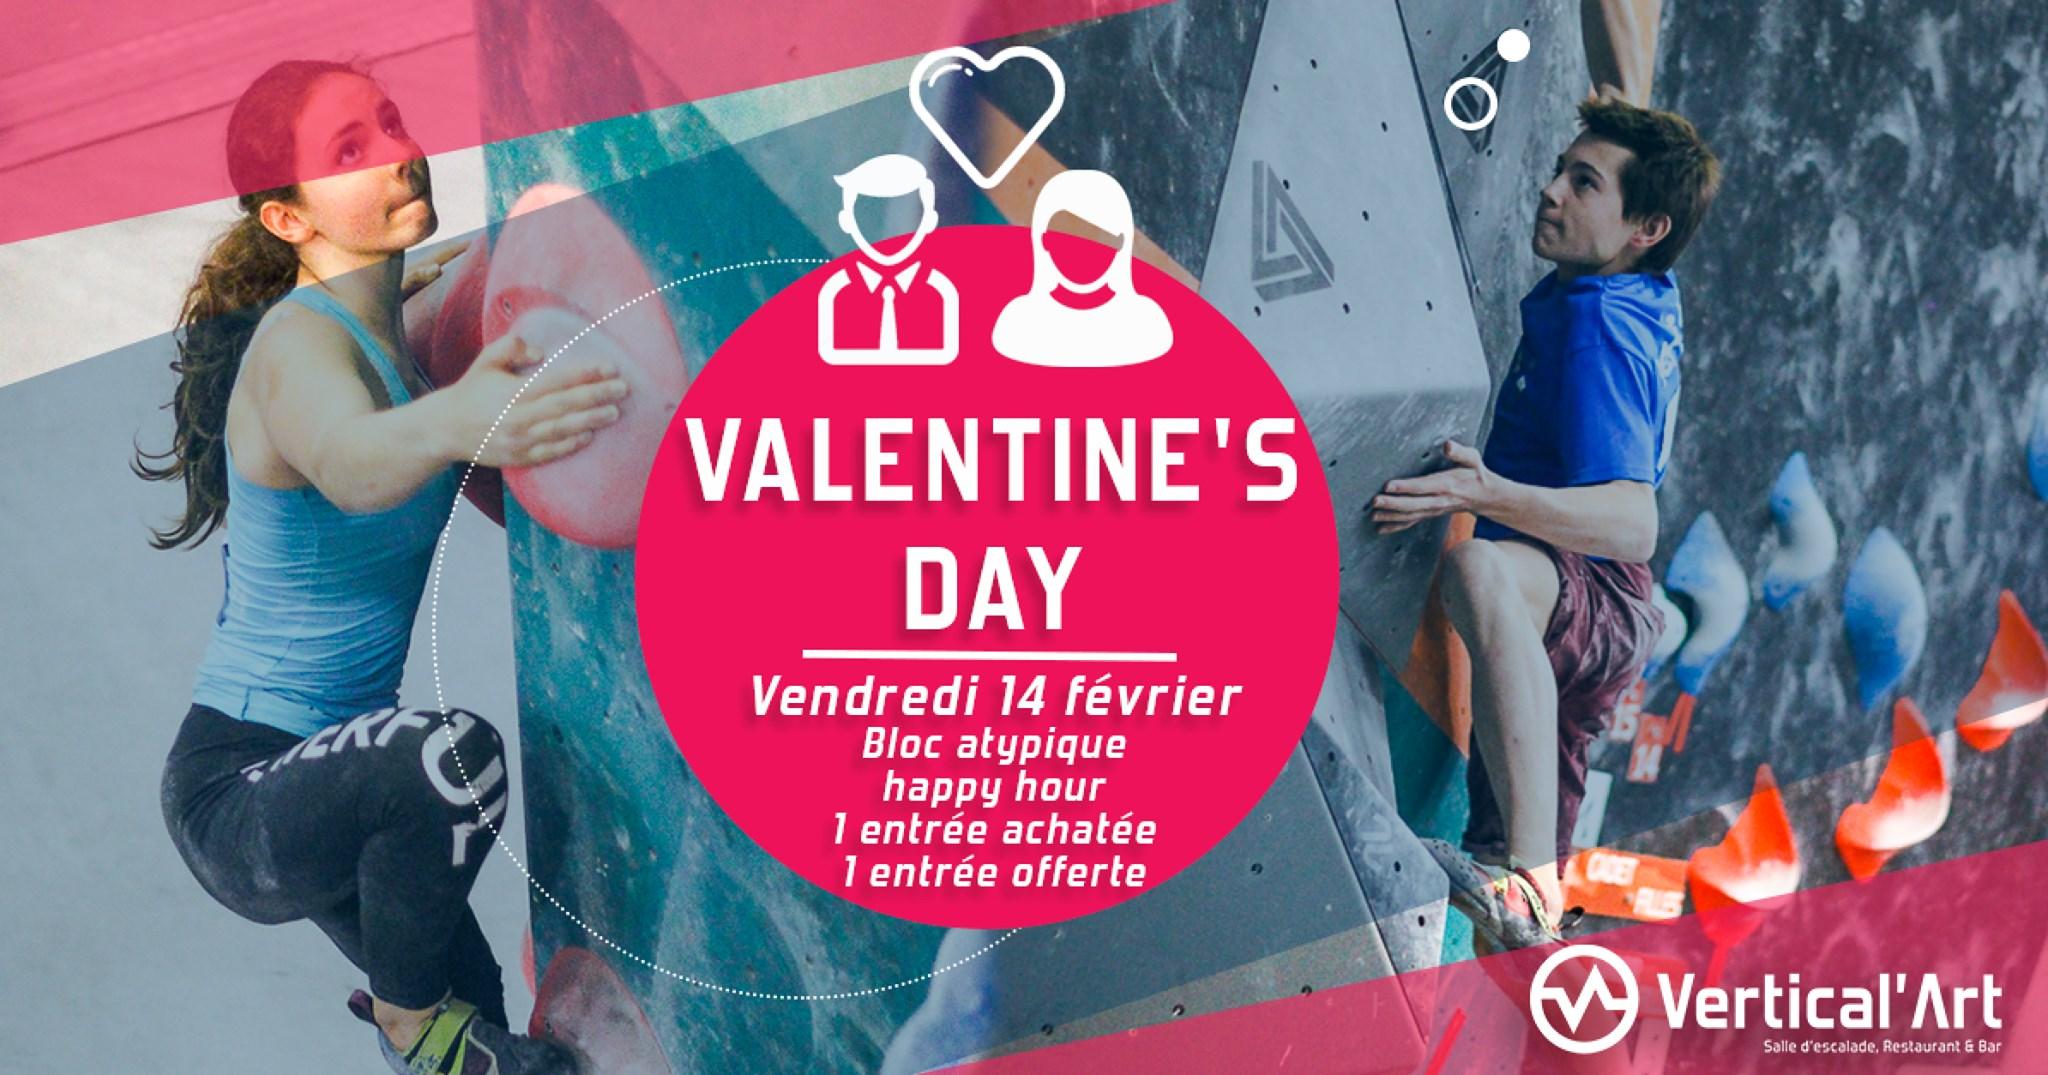 Soirée saint Valentin à Lyon - Vertical'art Lyon organise une soirée speciale st valentin - saint valentin sportive - romantisme - amour à Lyon -